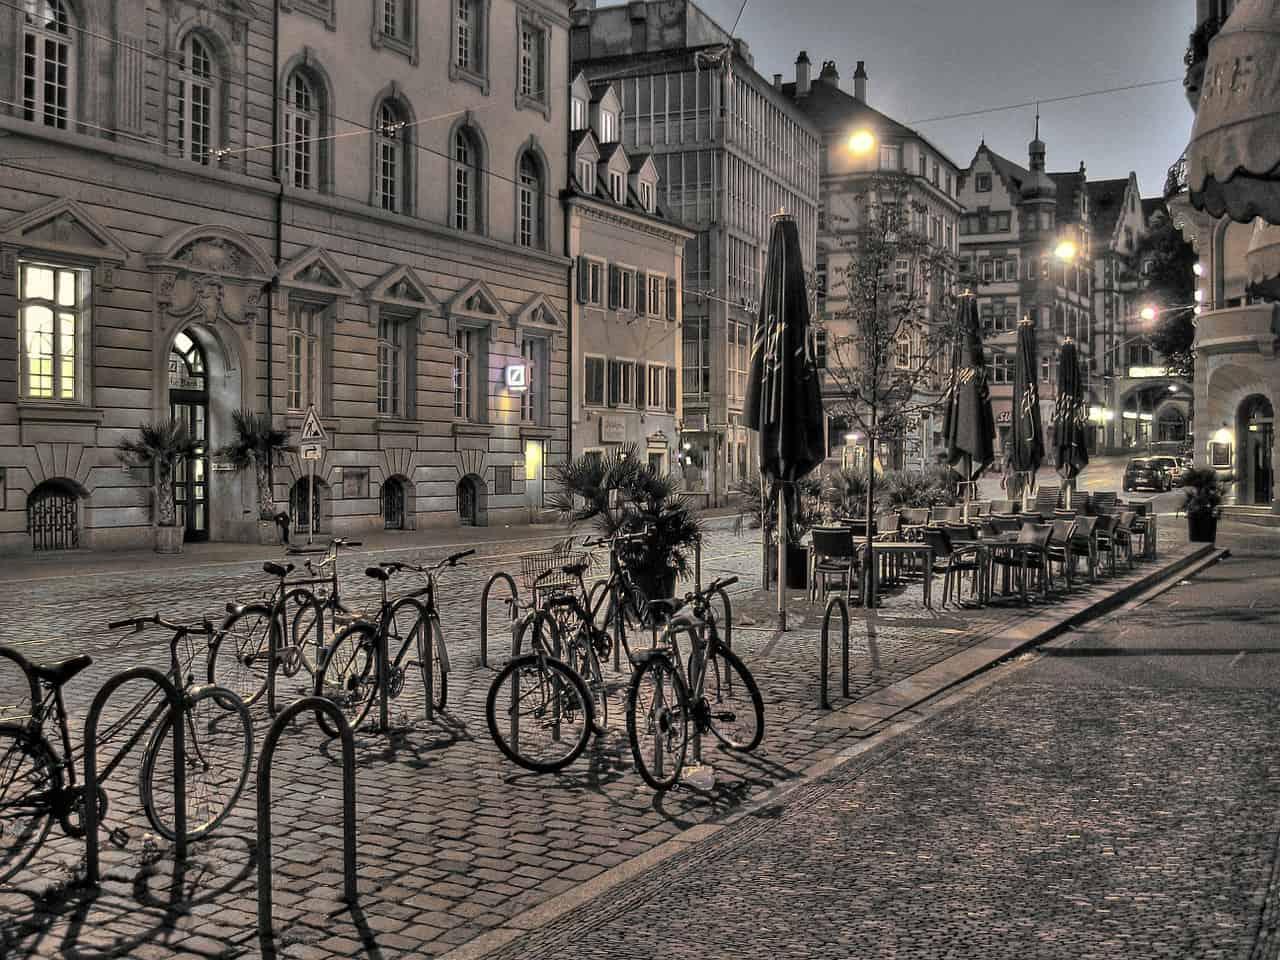 1a-Fahrradschloss-Fahrradbild